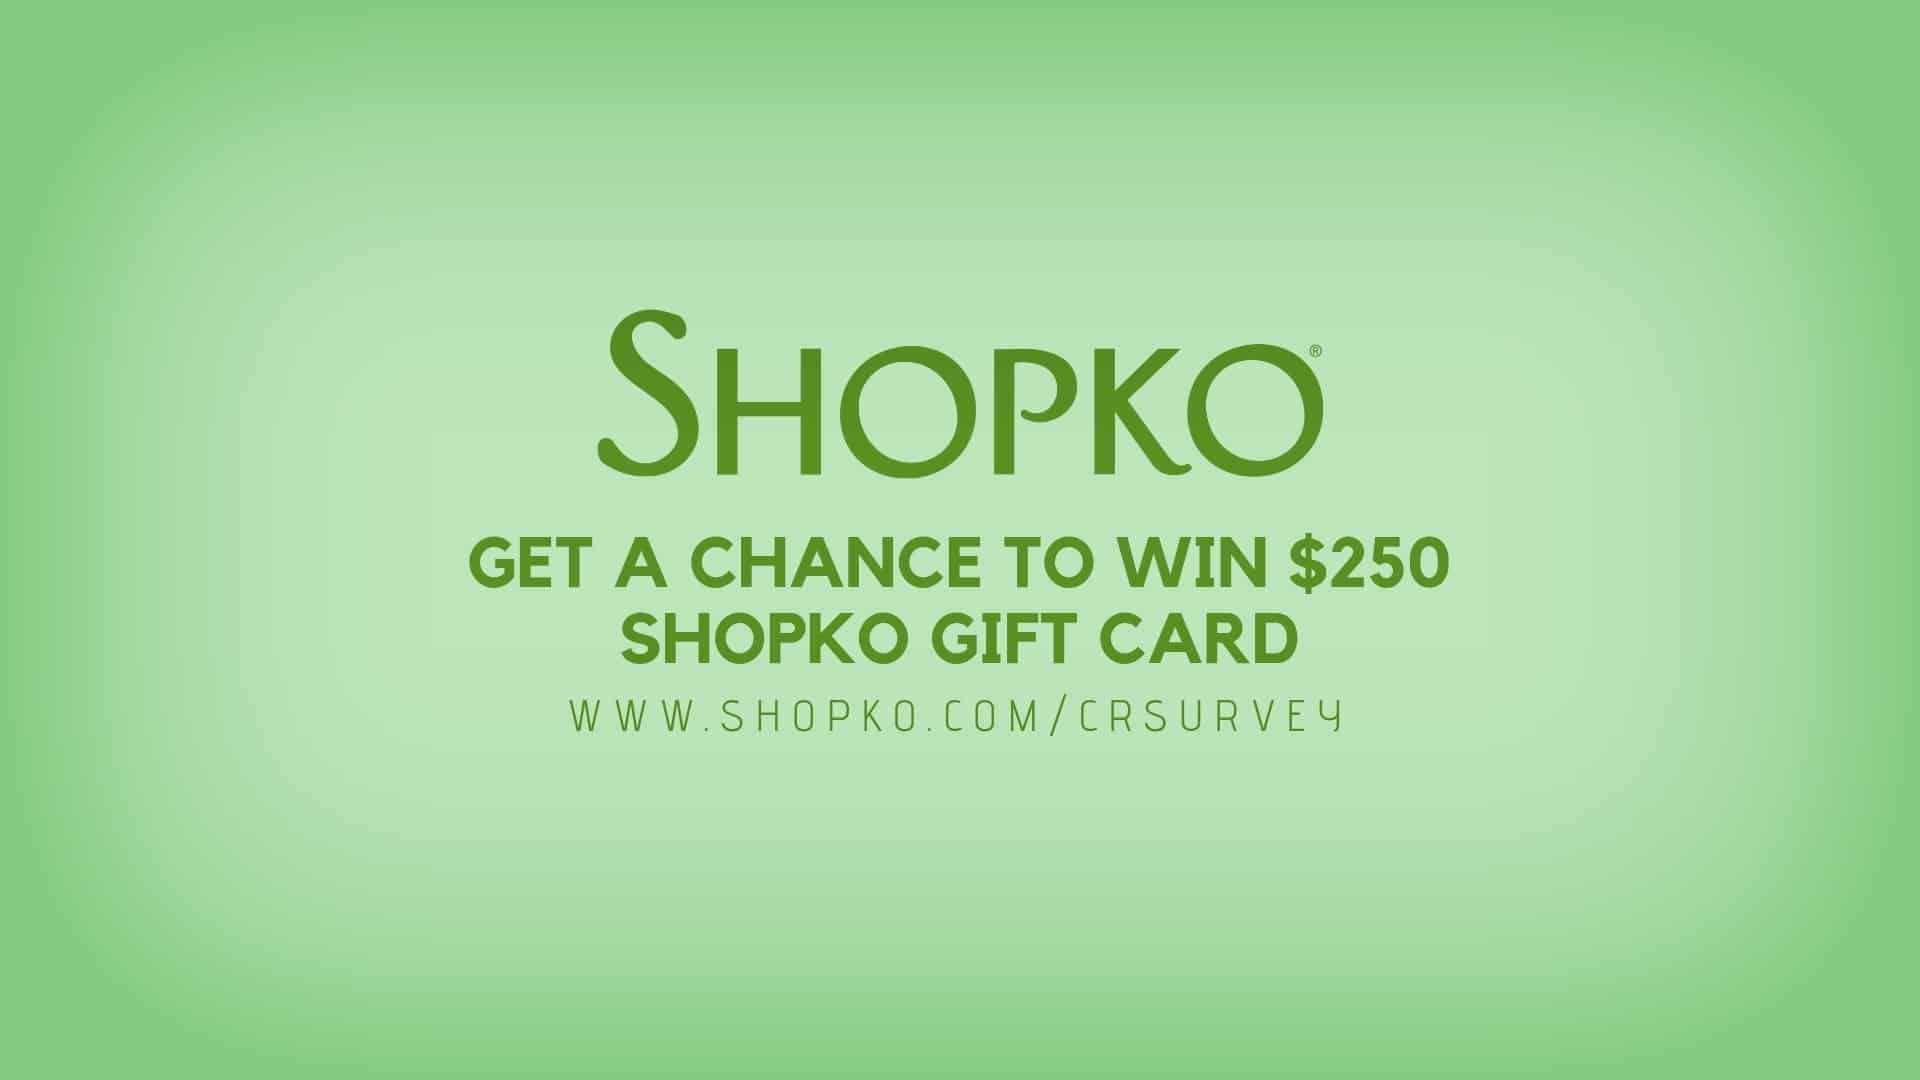 www.shopko.com/survey